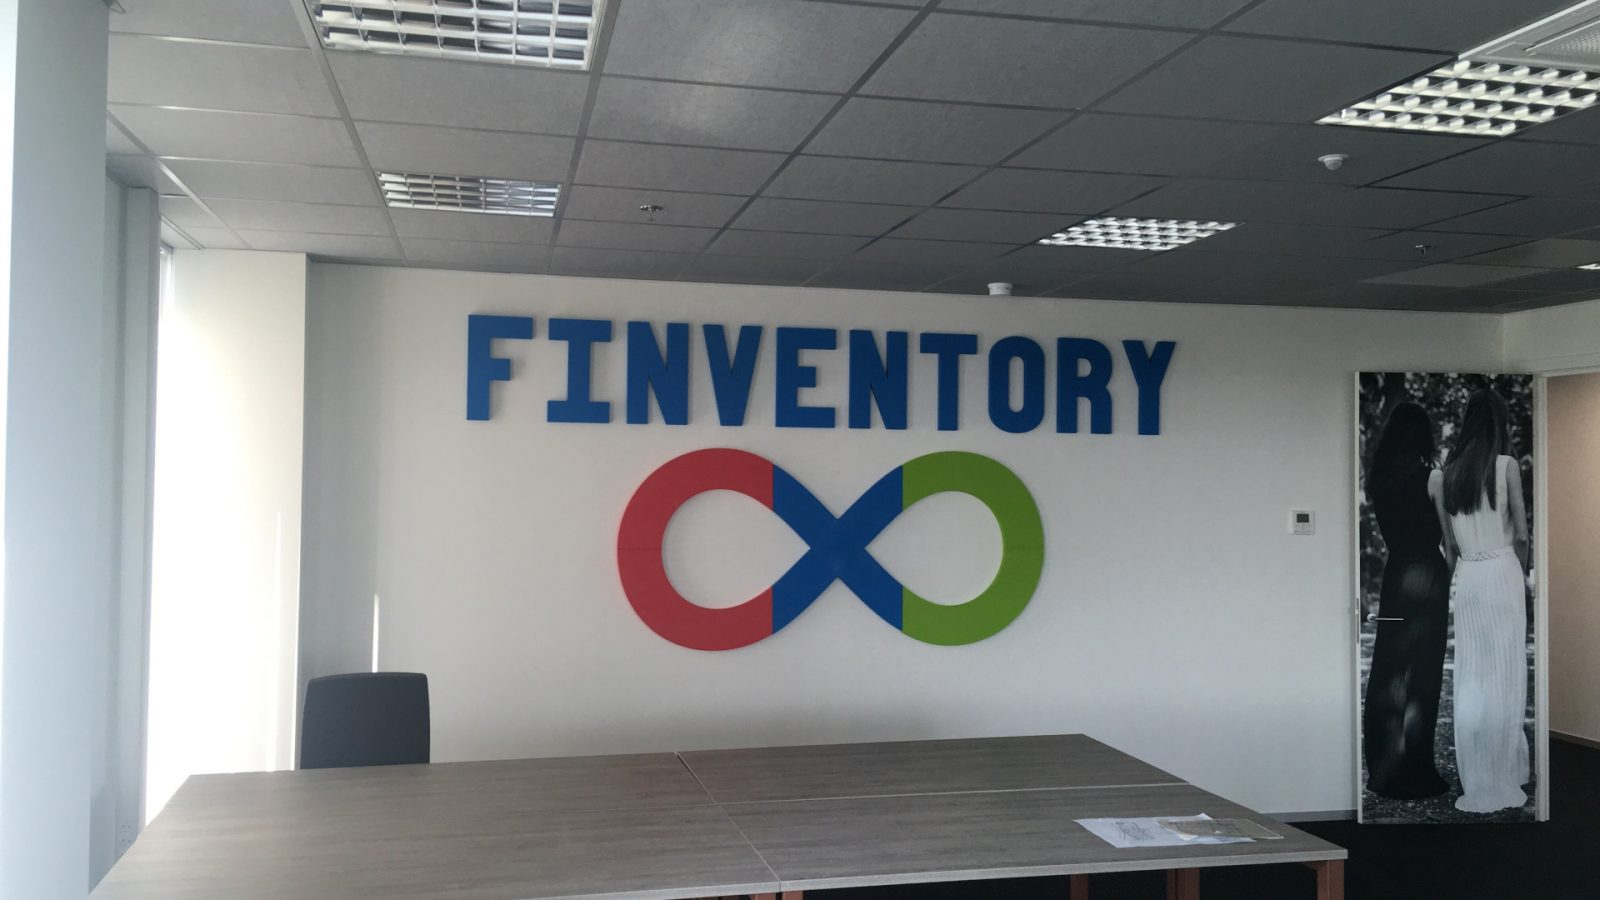 Freesletters Binnenereclame – Finventory